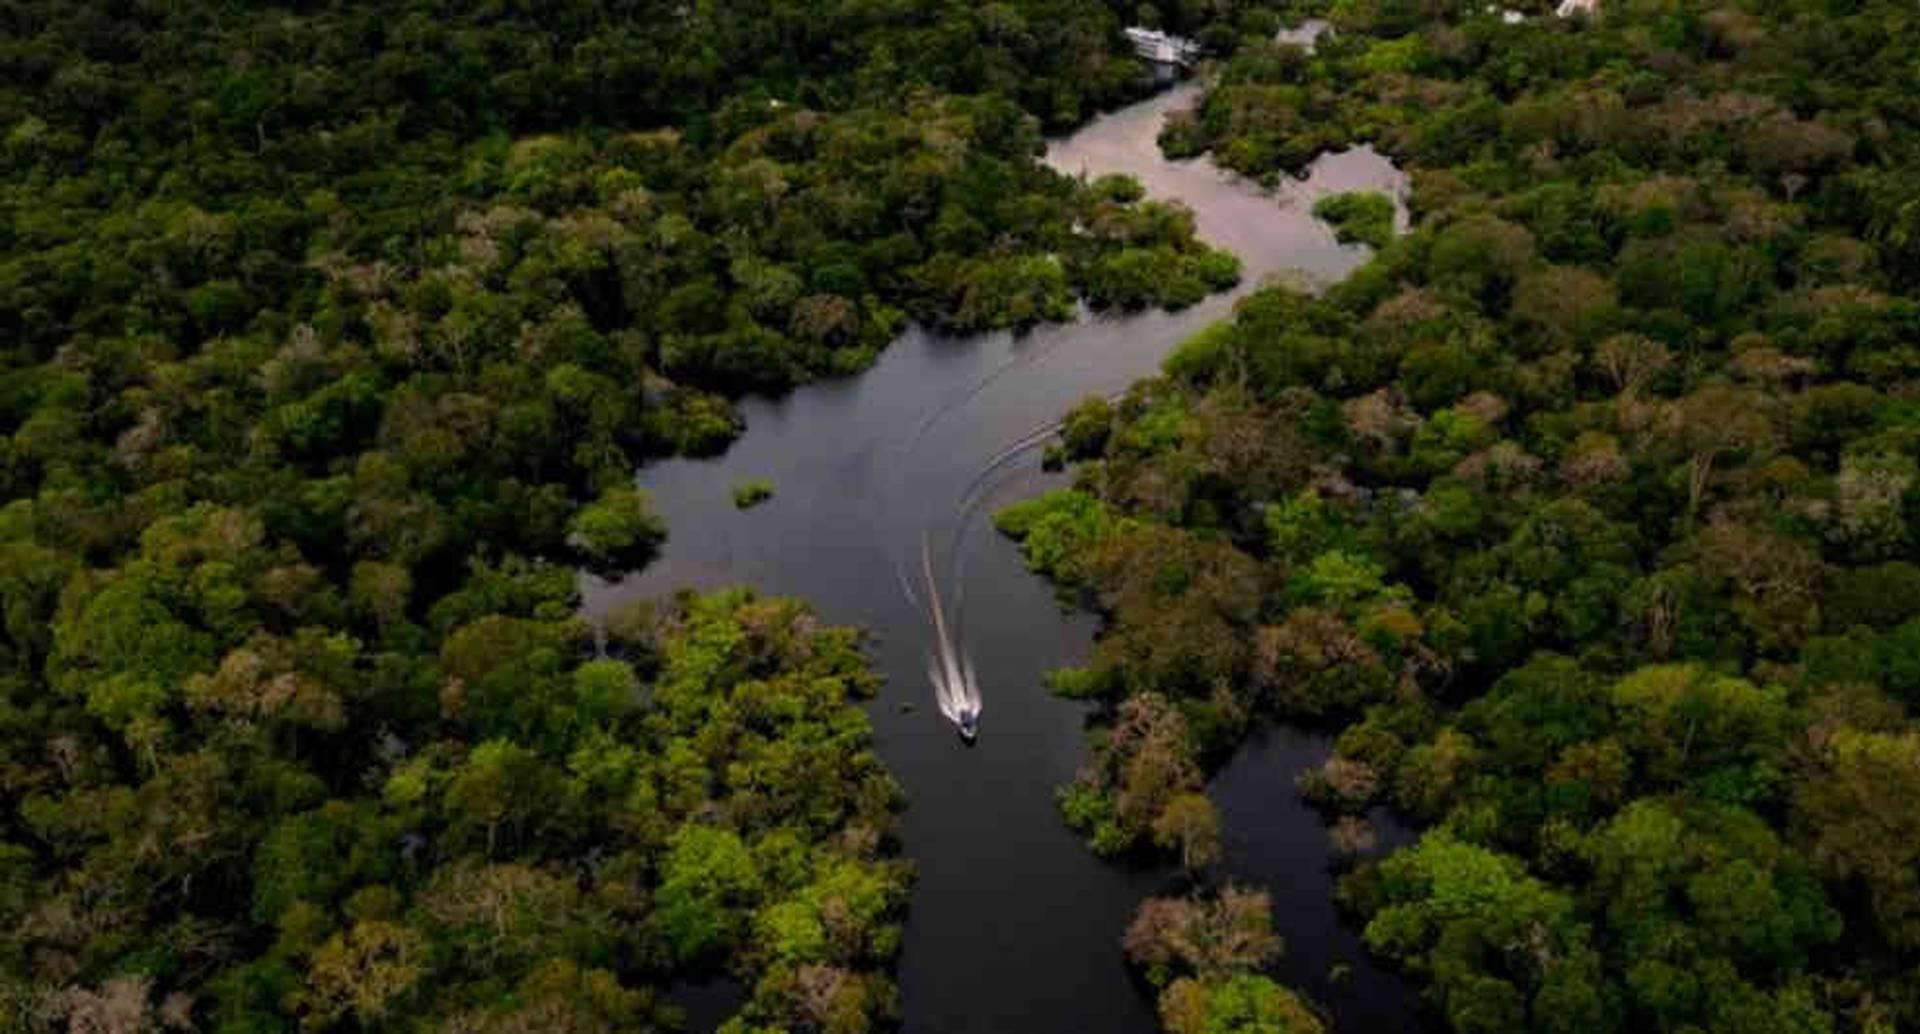 La Amazonia es clave en la lucha contra el cambio climático: almacena alrededor de 130 mil millones de toneladas de carbono, casi el valor de una década de emisiones globales de dióxido de carbono.